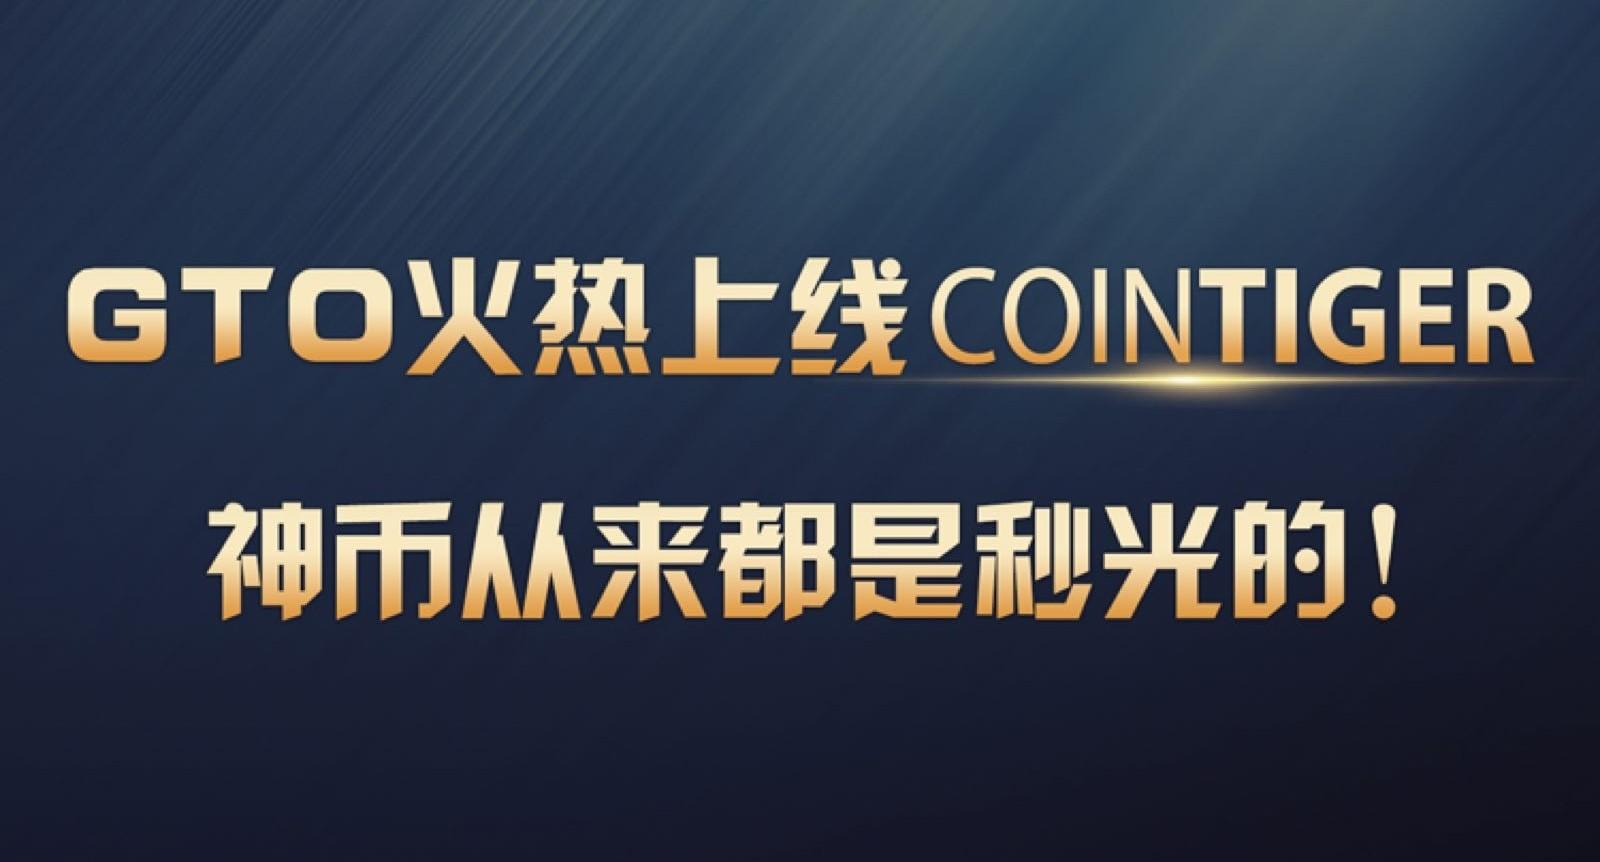 GTO 23日重磅登陆CoinTiger 神币从来都是秒光的 !